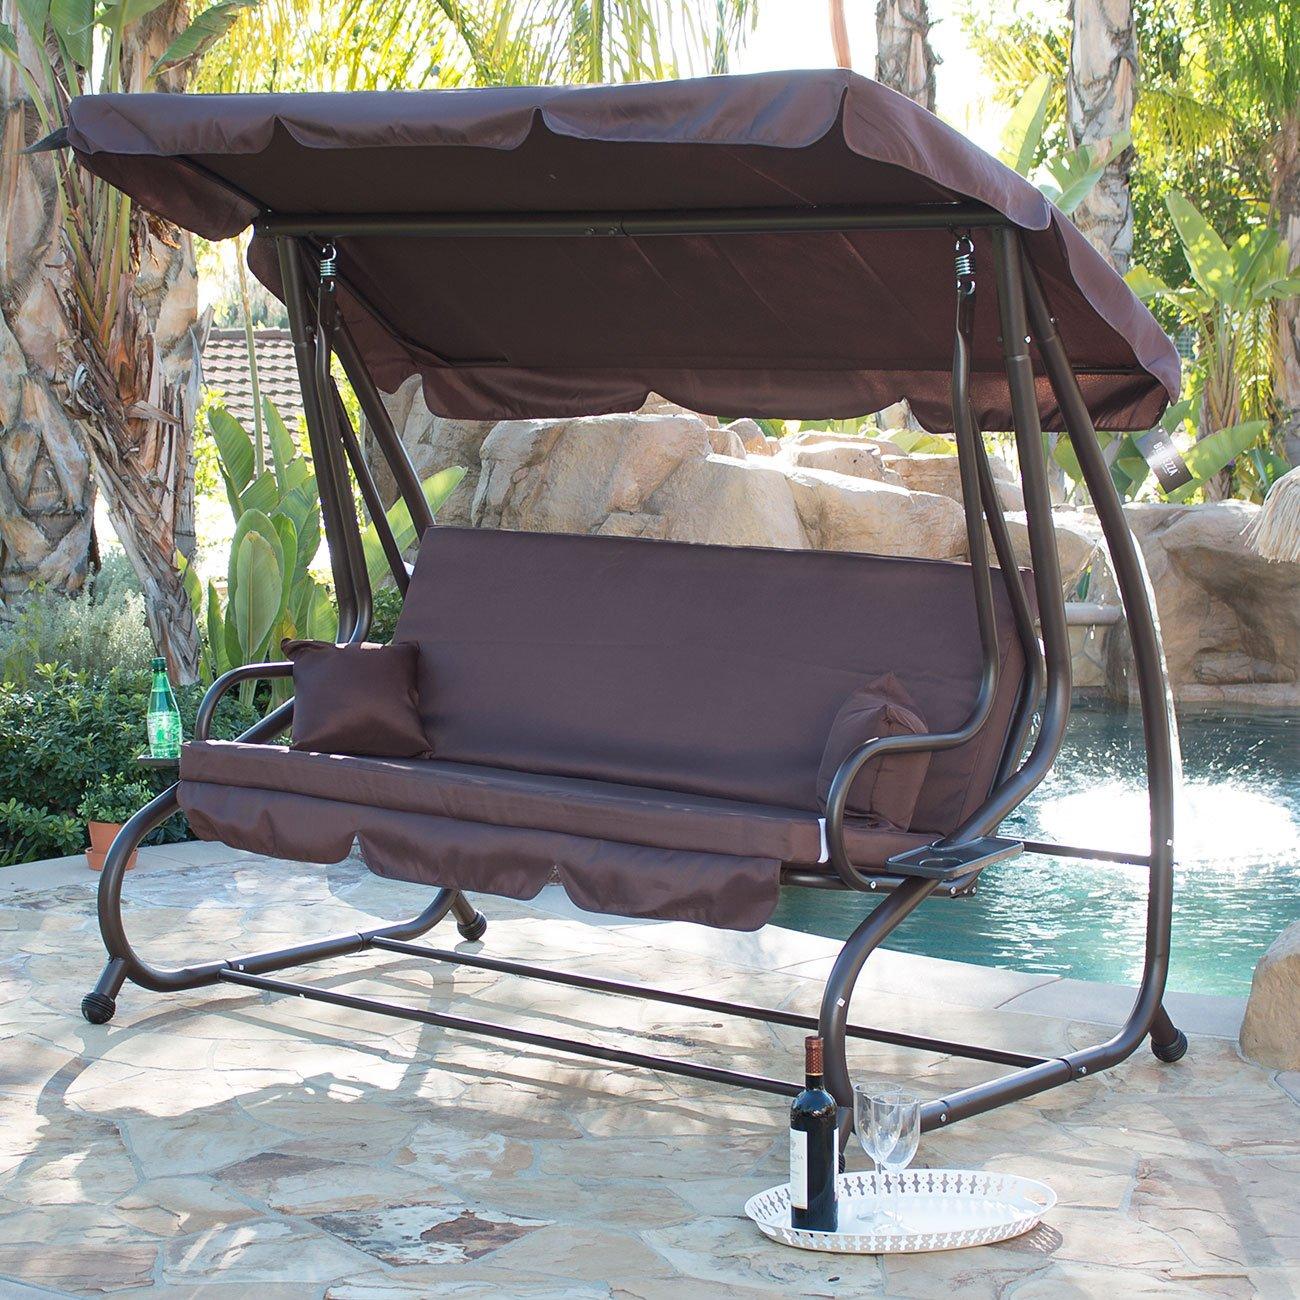 Outdoor hammock bed with cover - Amazon Com Belleze Porch Swing Outdoor Bed Hammock With Steel Frame Adjustable Tilt Canopy Dark Brown Garden Outdoor